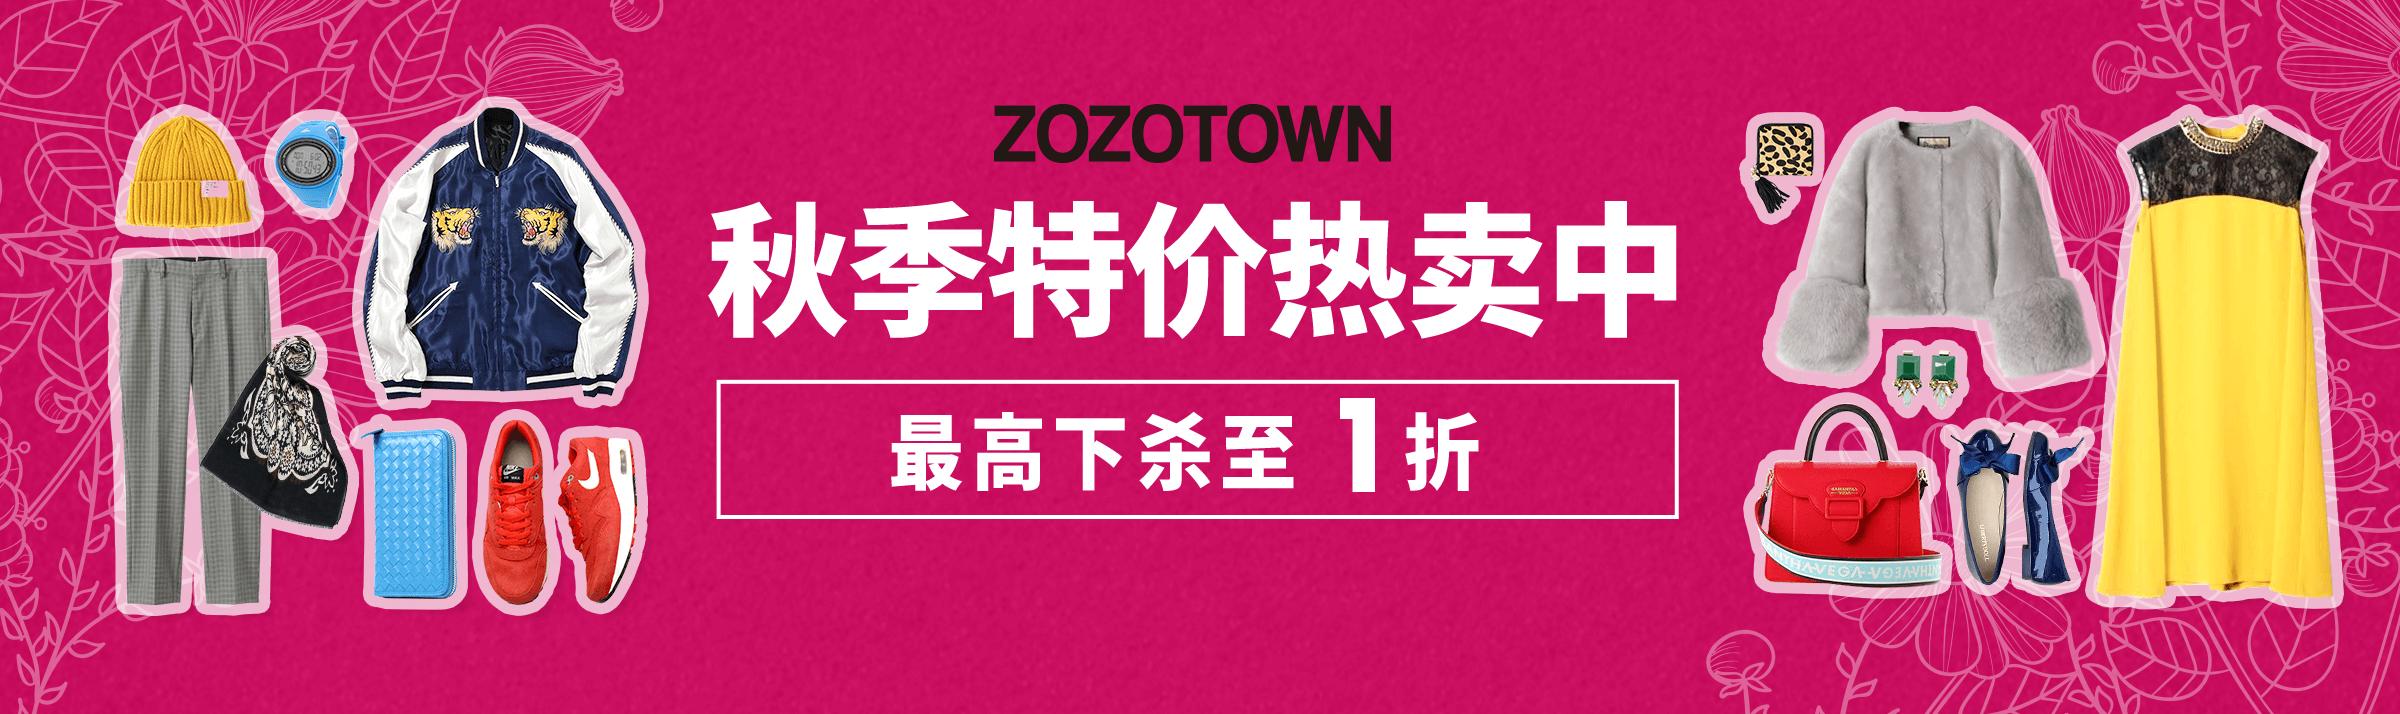 ZOZOTOWN 大特价SALE热卖中!